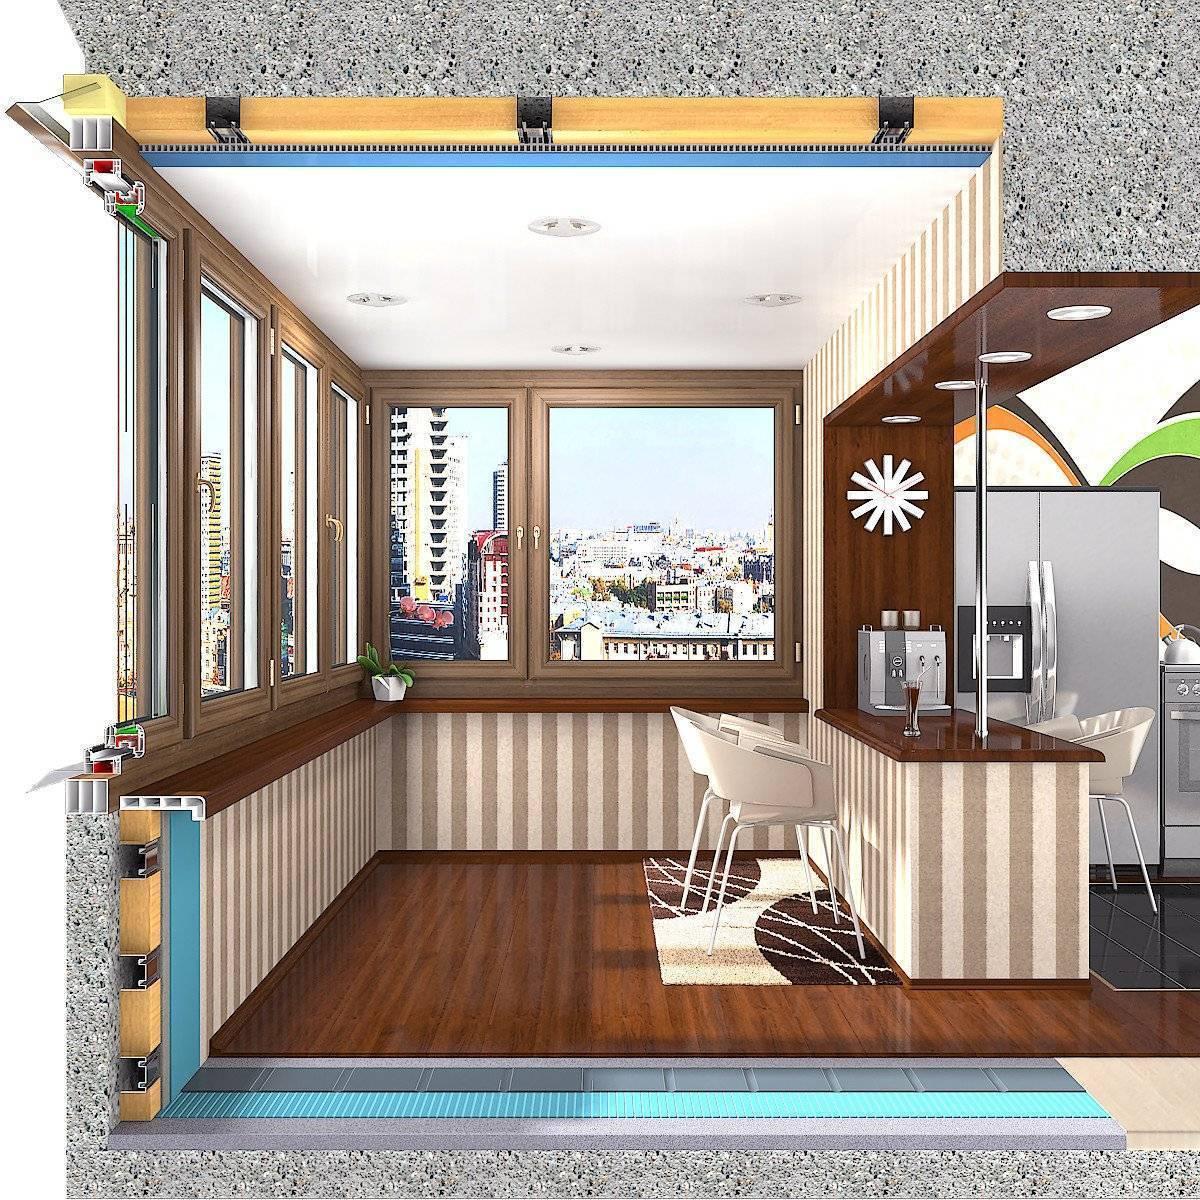 Объединить кухню и балкон: согласование перепланировки, технические решения объединения | ремонт кухни своими руками | remont-kuxni.ru